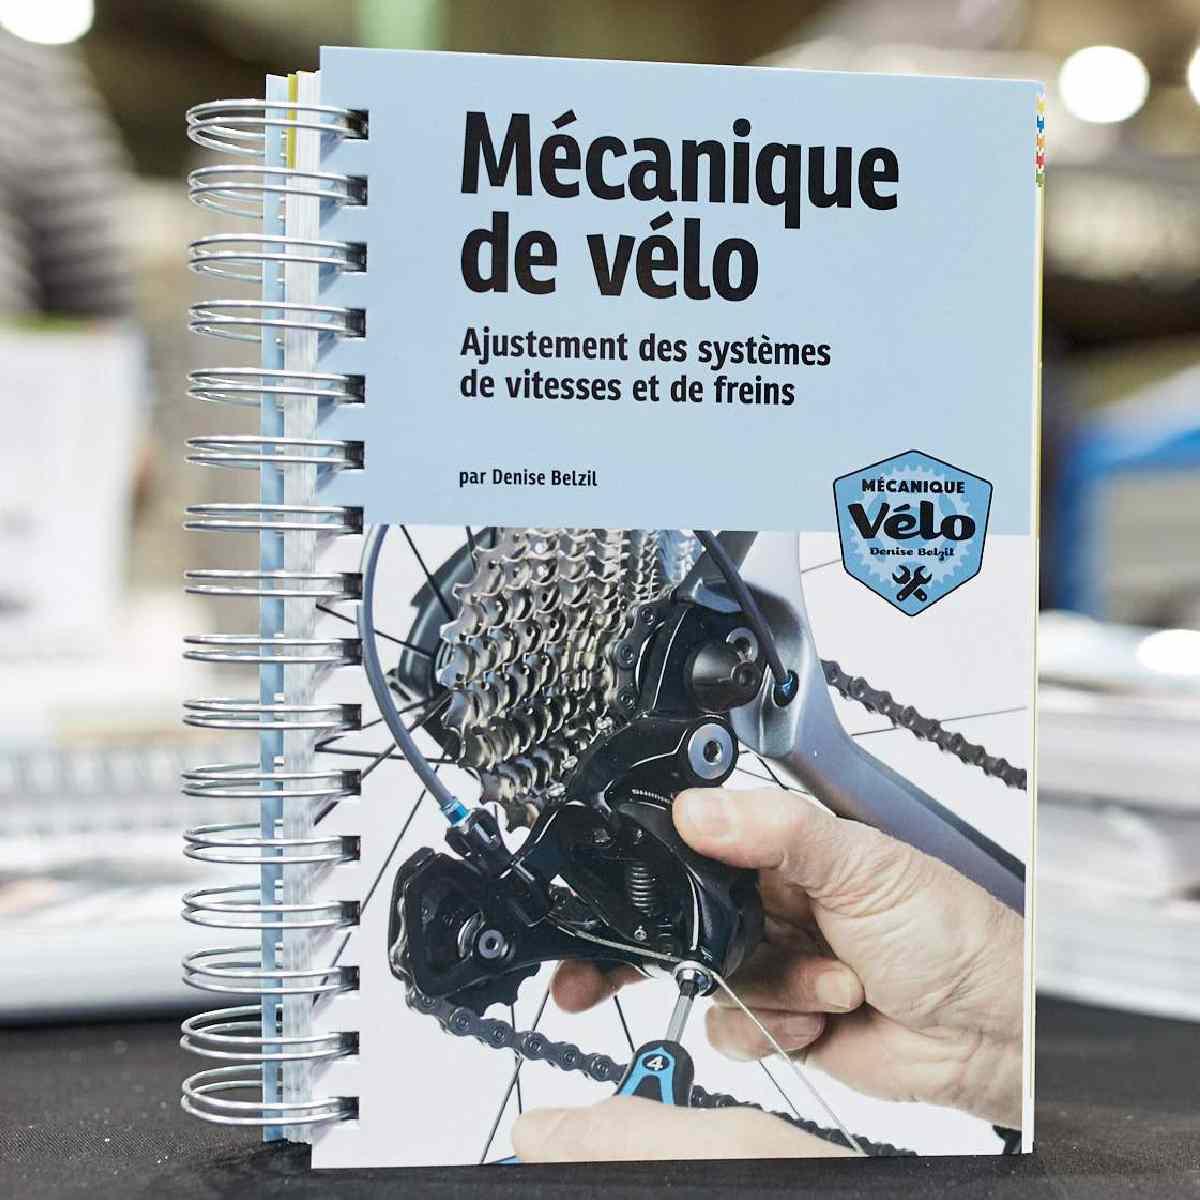 LIVRE DE MECANIQUE VELO - AJUSTEMENTS VITESSES ET FREINS 2E EDITION